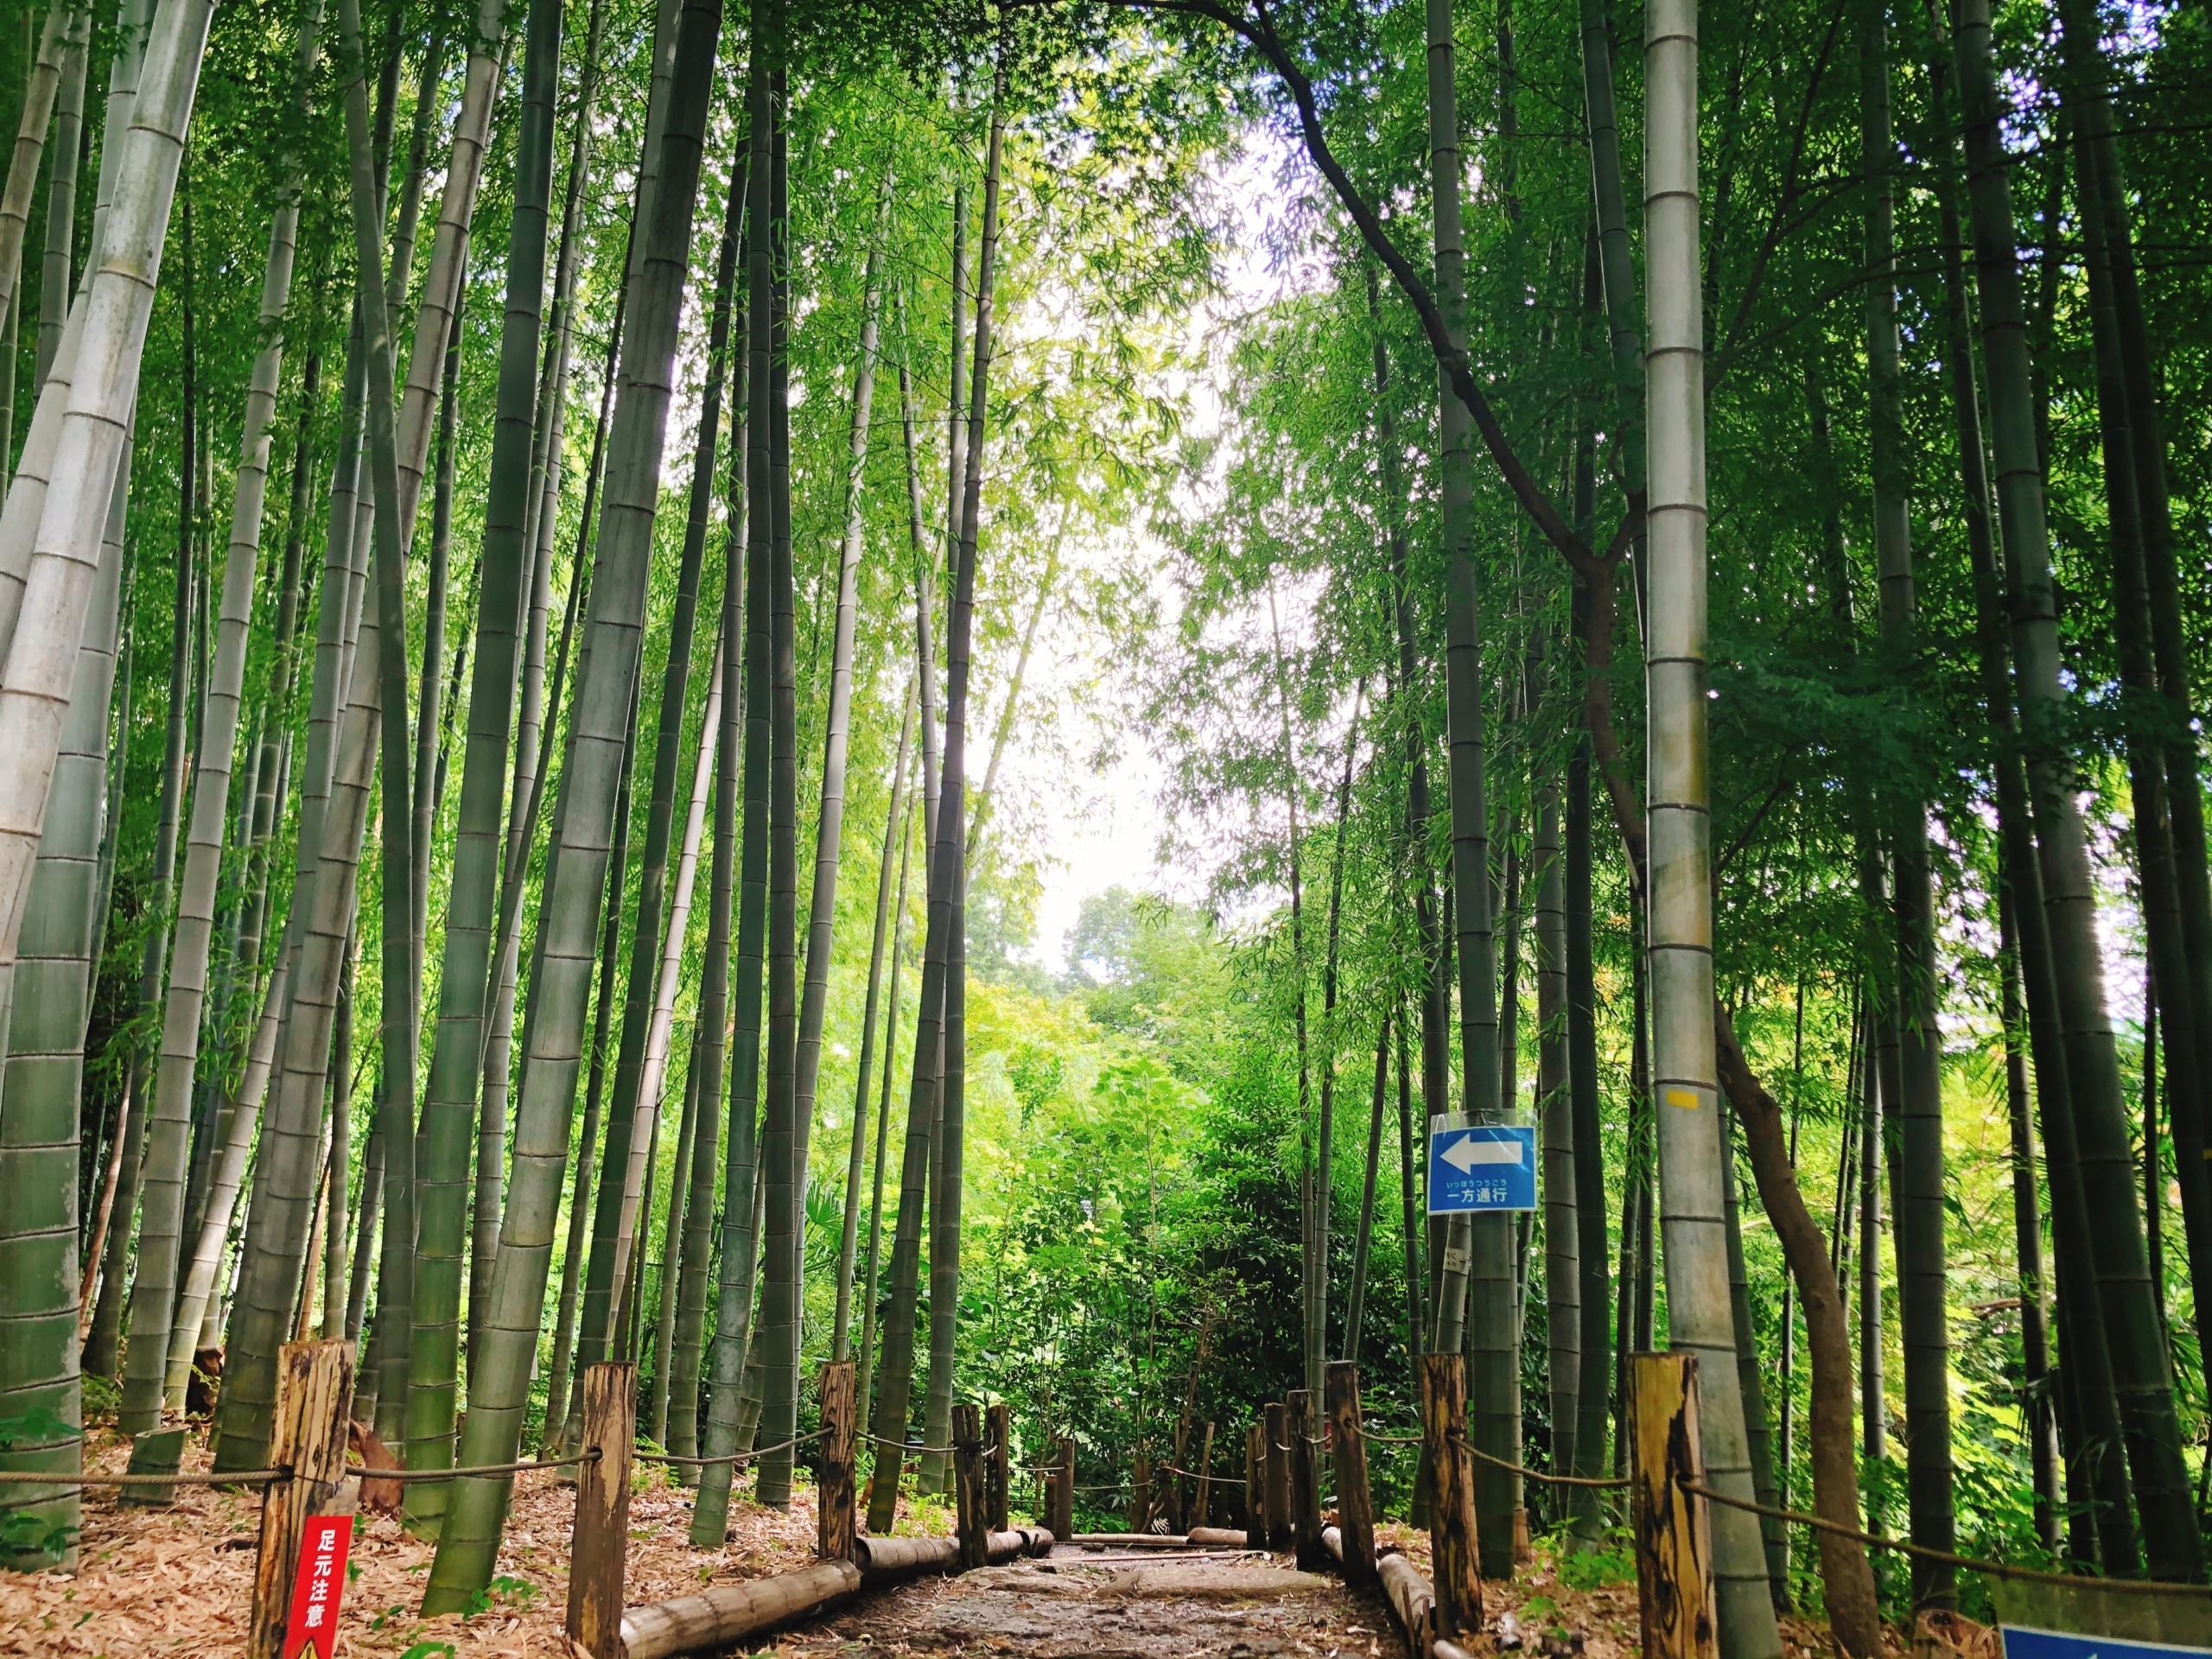 【仙川】武者小路実篤公園。昭和の文豪の手紙を読んで感じること。